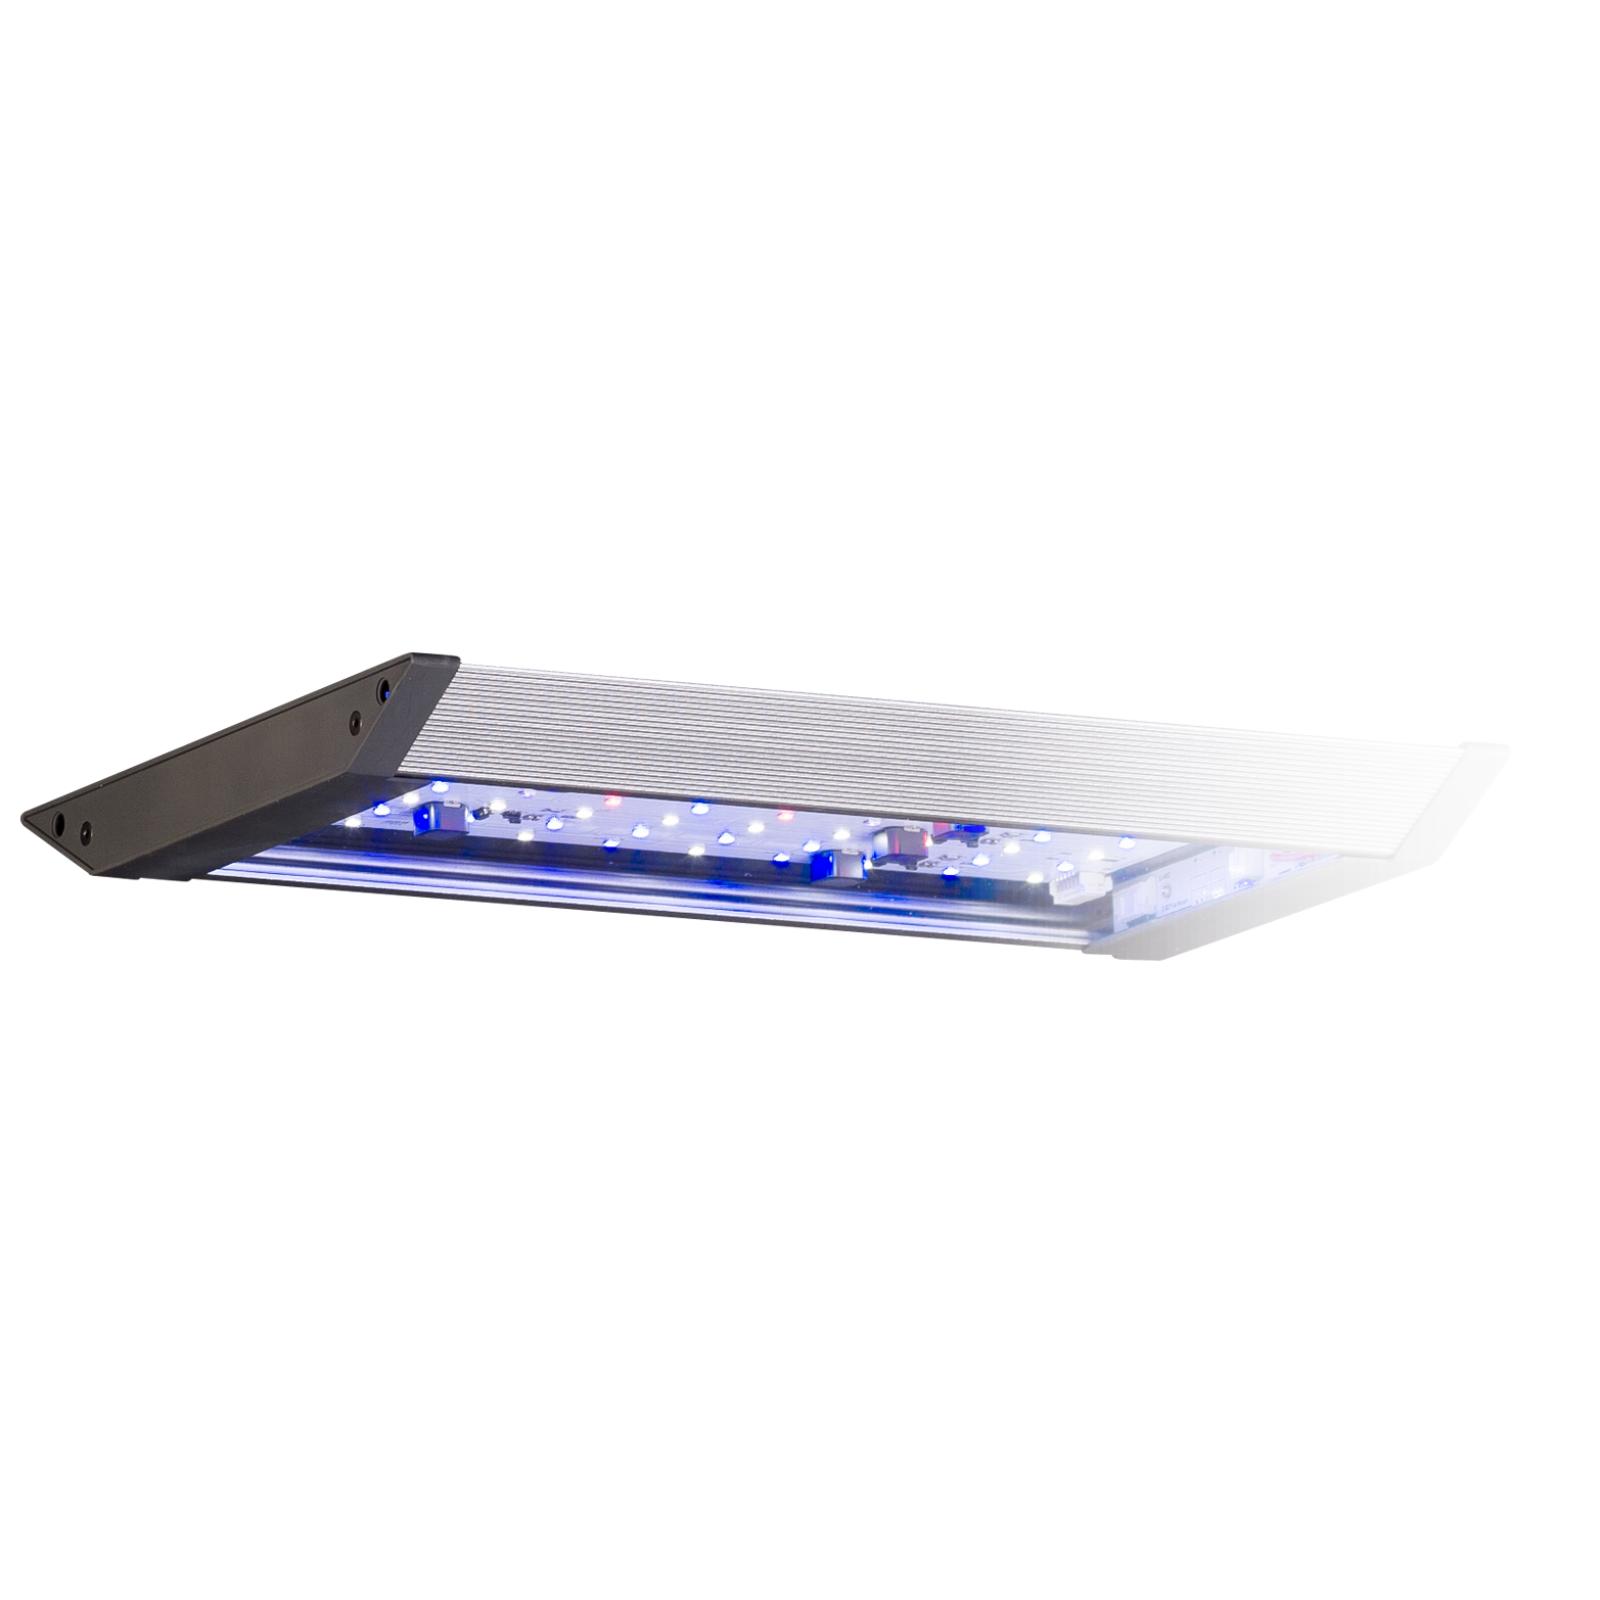 AQUA MEDIC Aquarius 30 rampe LEDs spéciale eau de mer pour aquarium de 35 à 60 cm de long